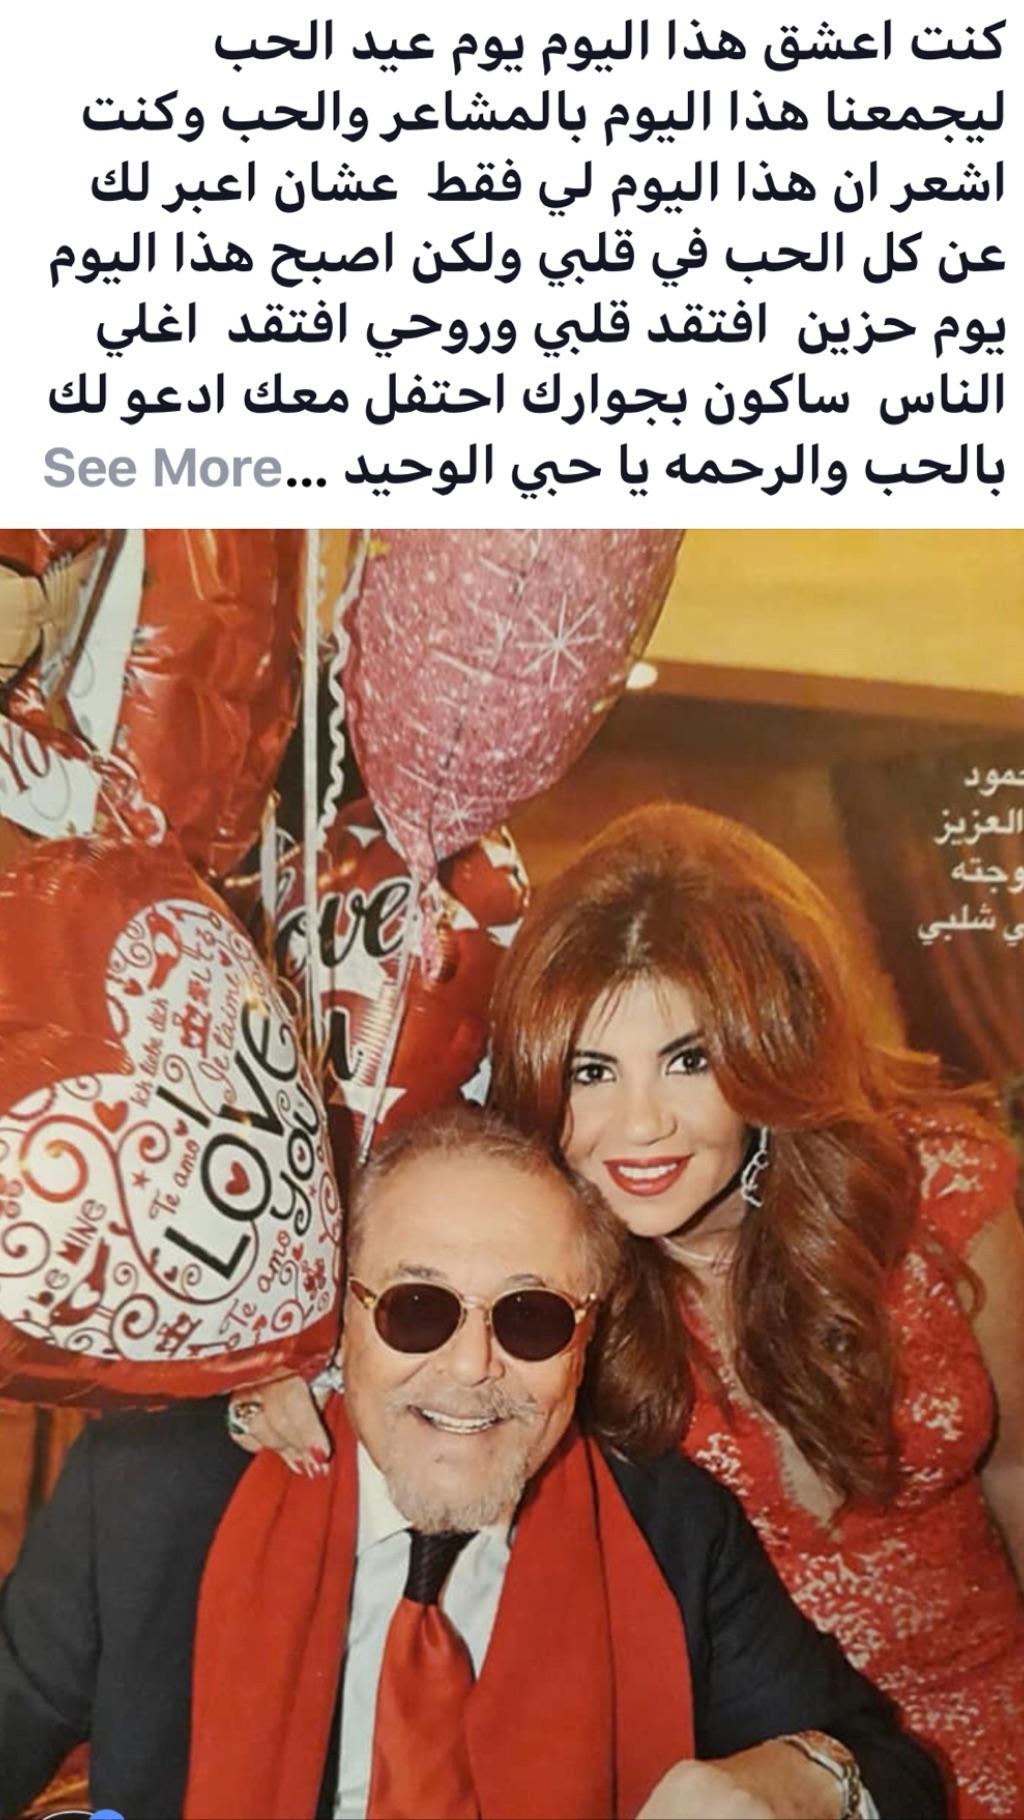 بوسى شلبى ومحمود عبد العزيز